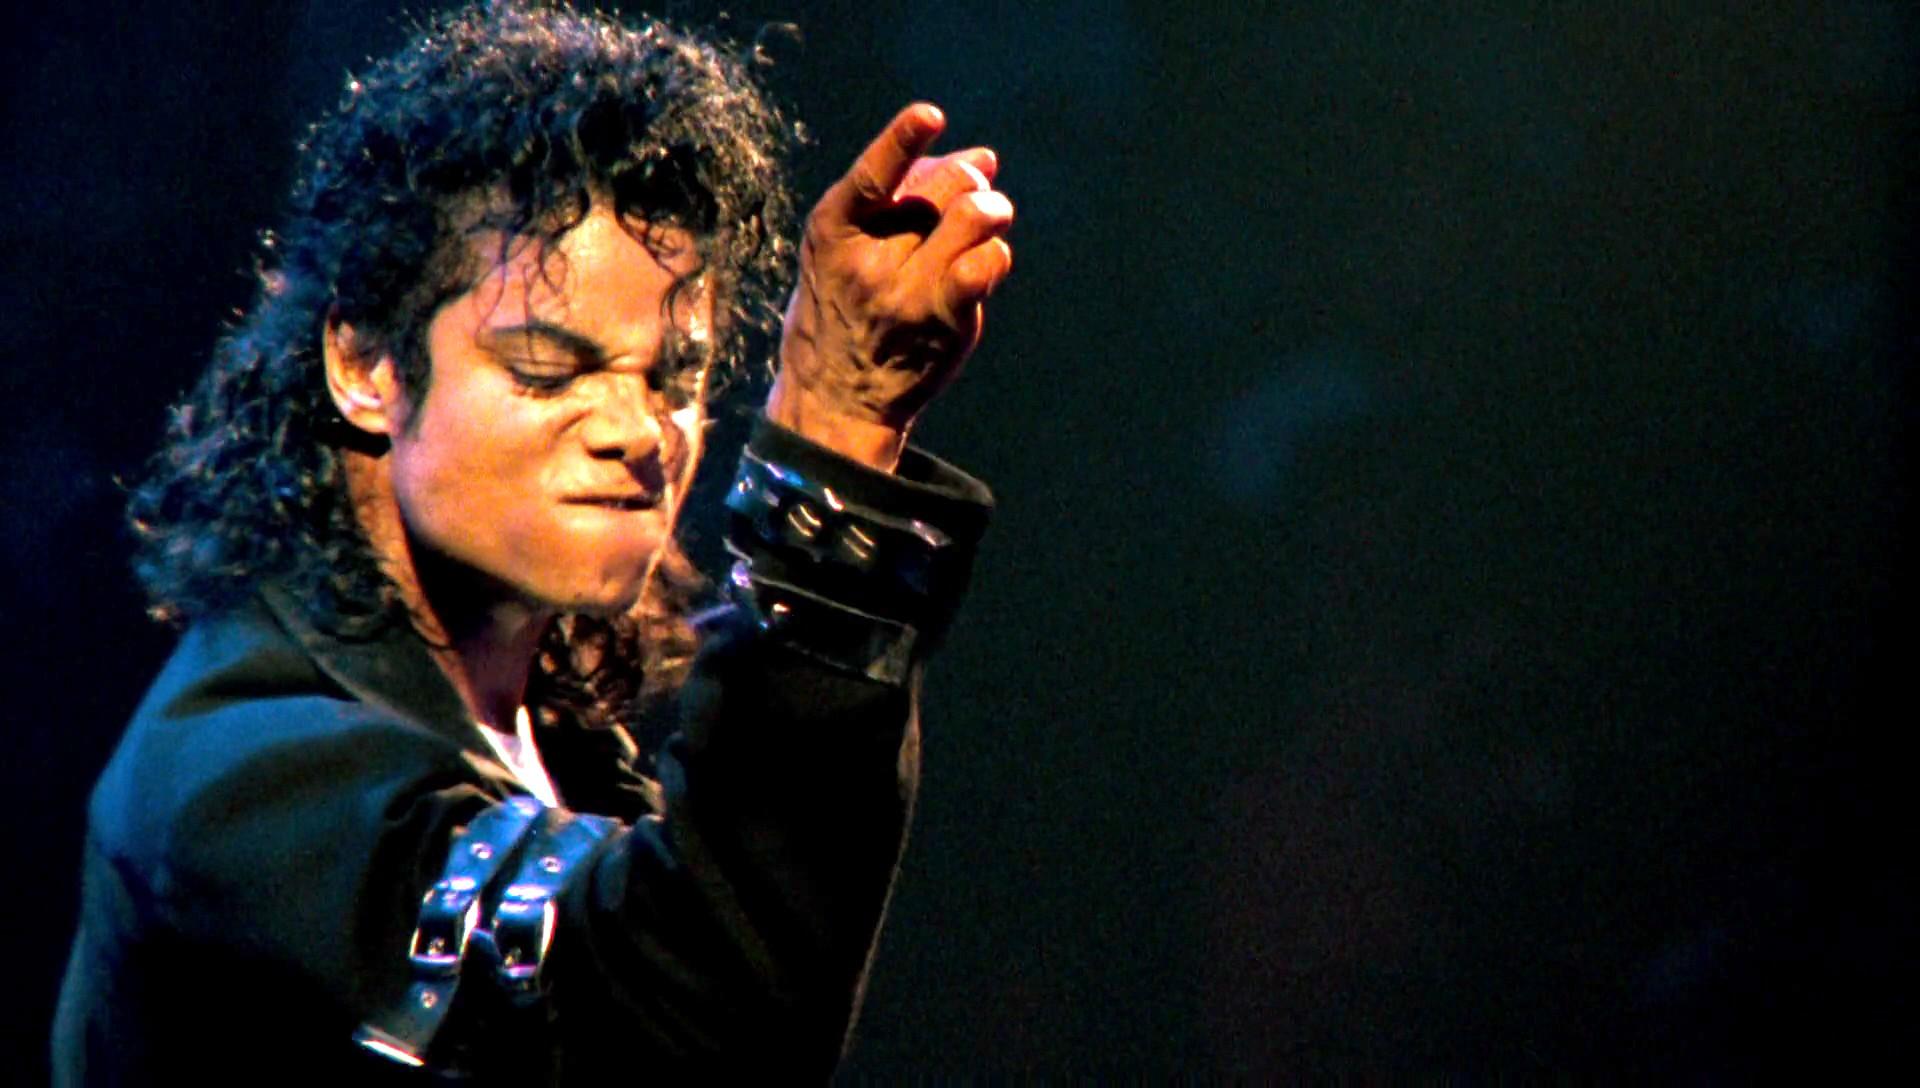 Un ex-ingénieur de son de  Michael Jackson posséderait  «vingt inédits» du Roi de la Pop